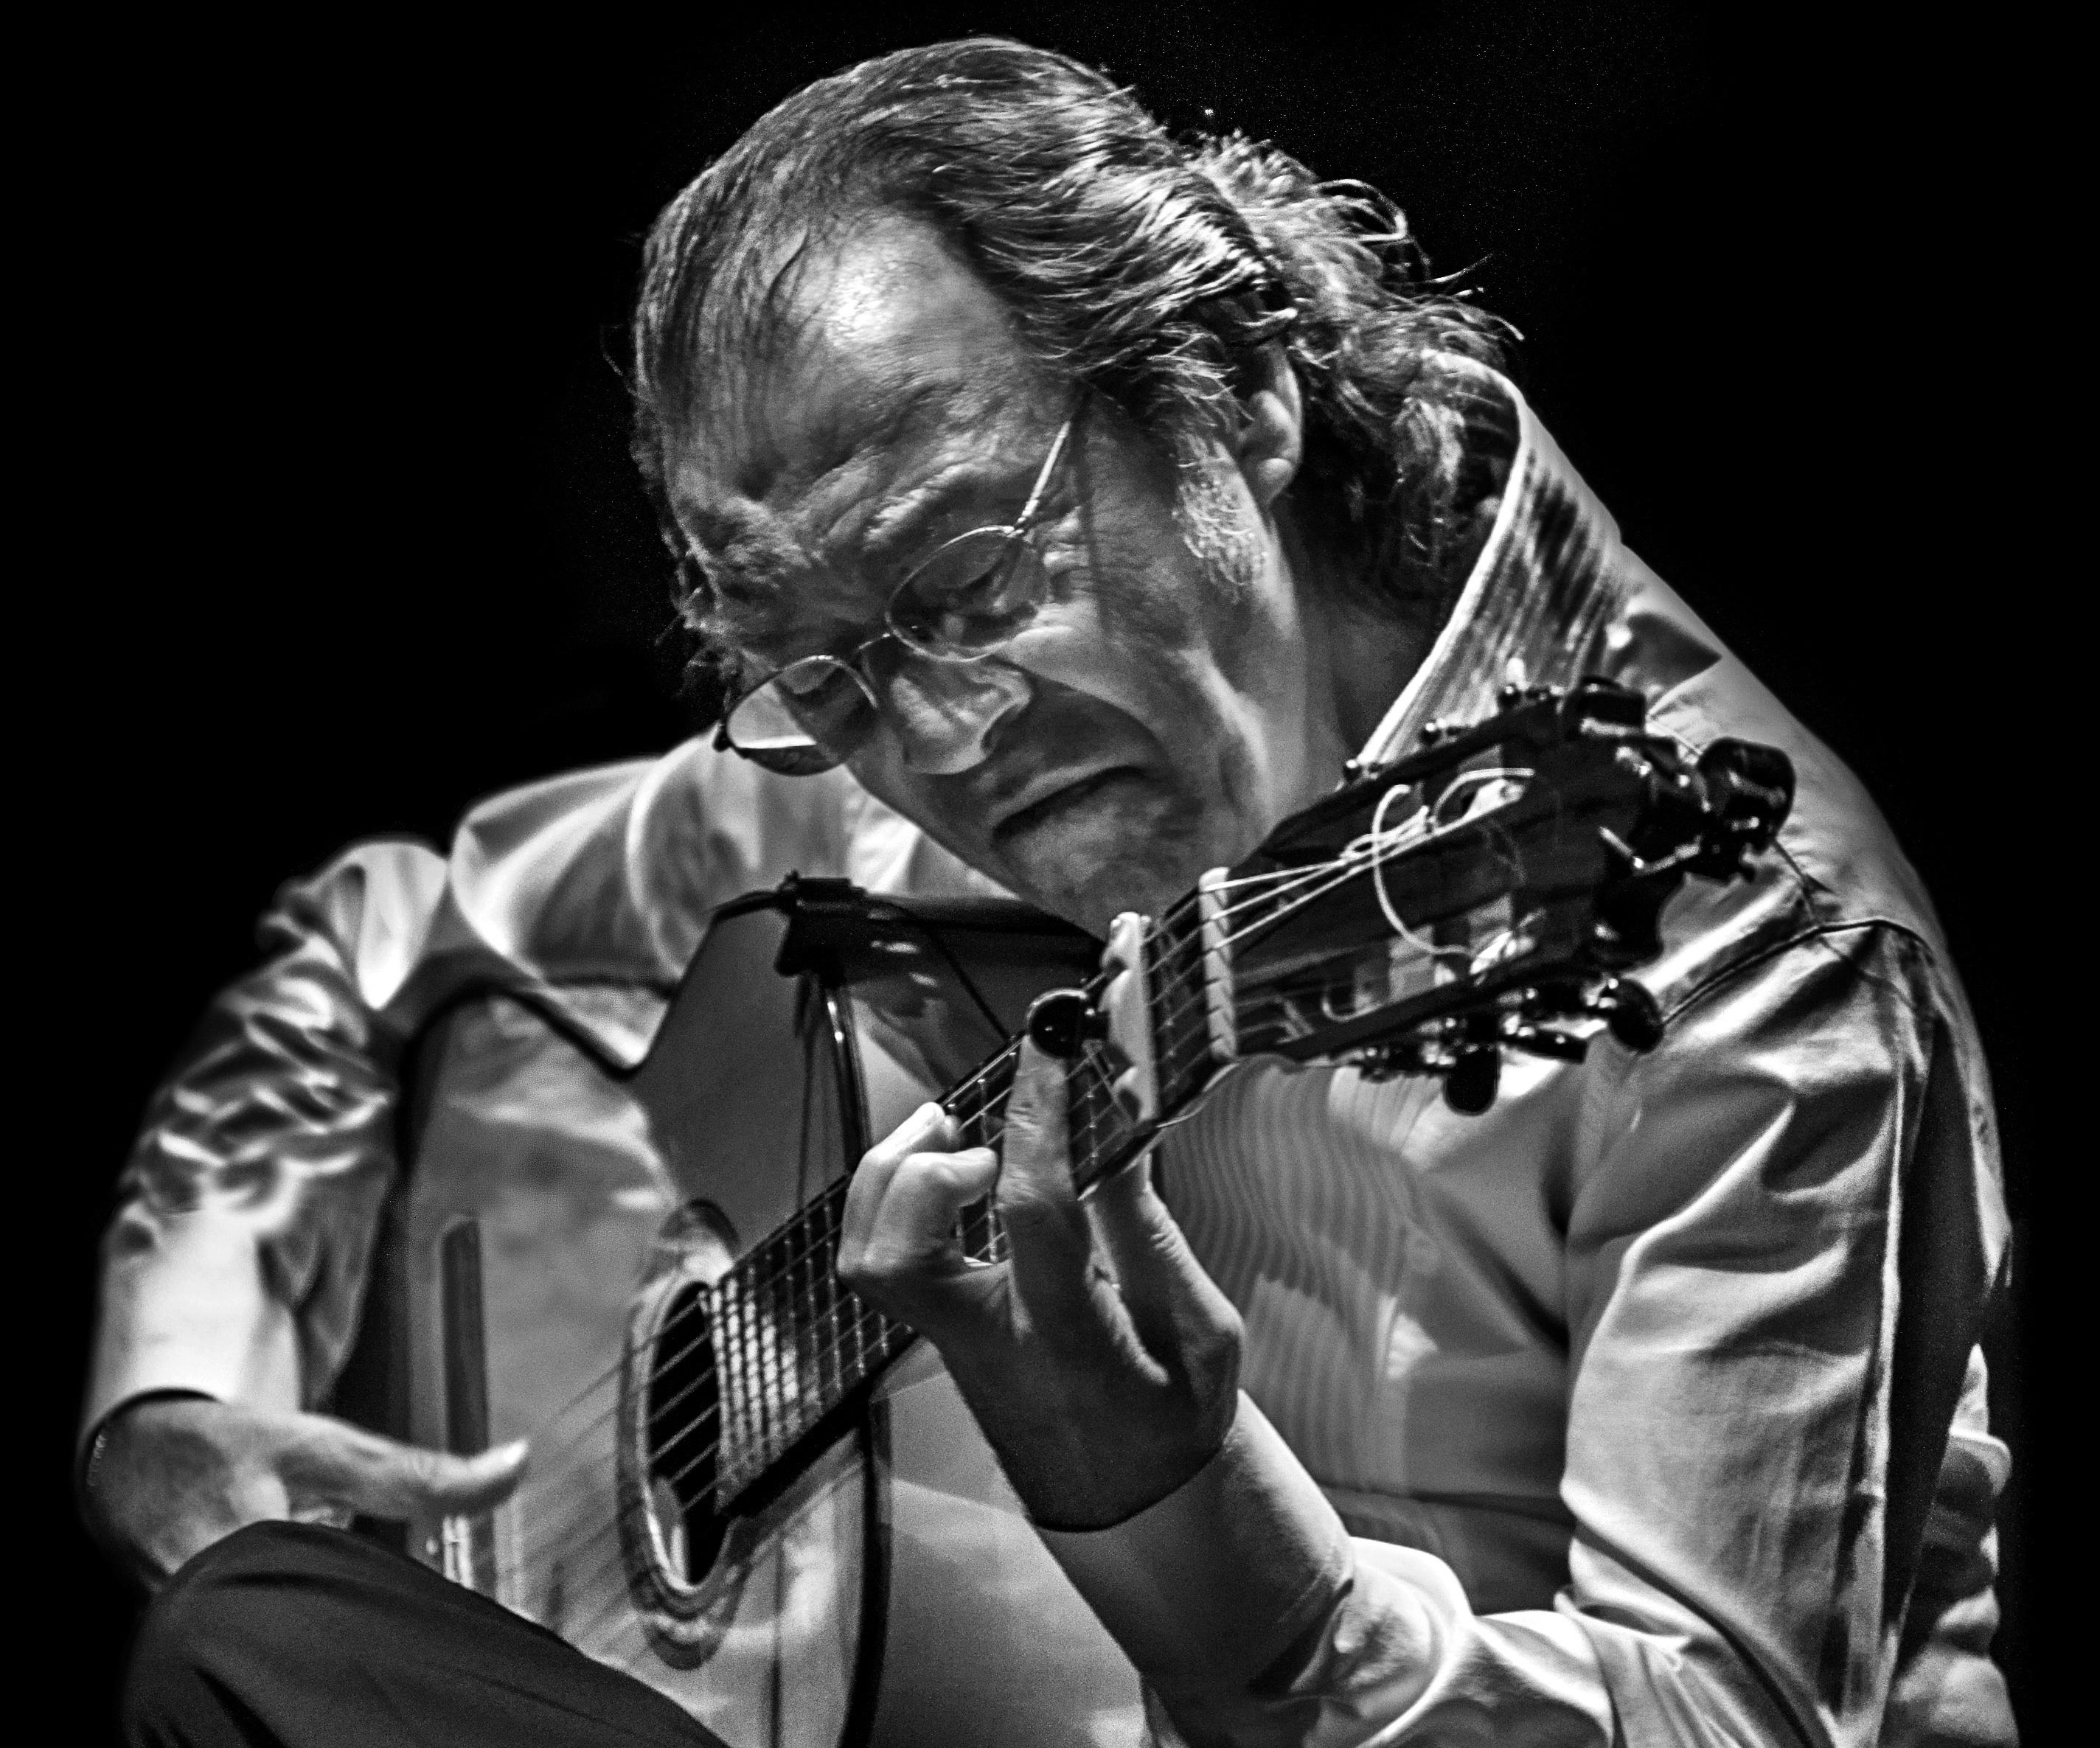 Les 5 claus del concert Pepe Habichuela y los jóvenes Morente